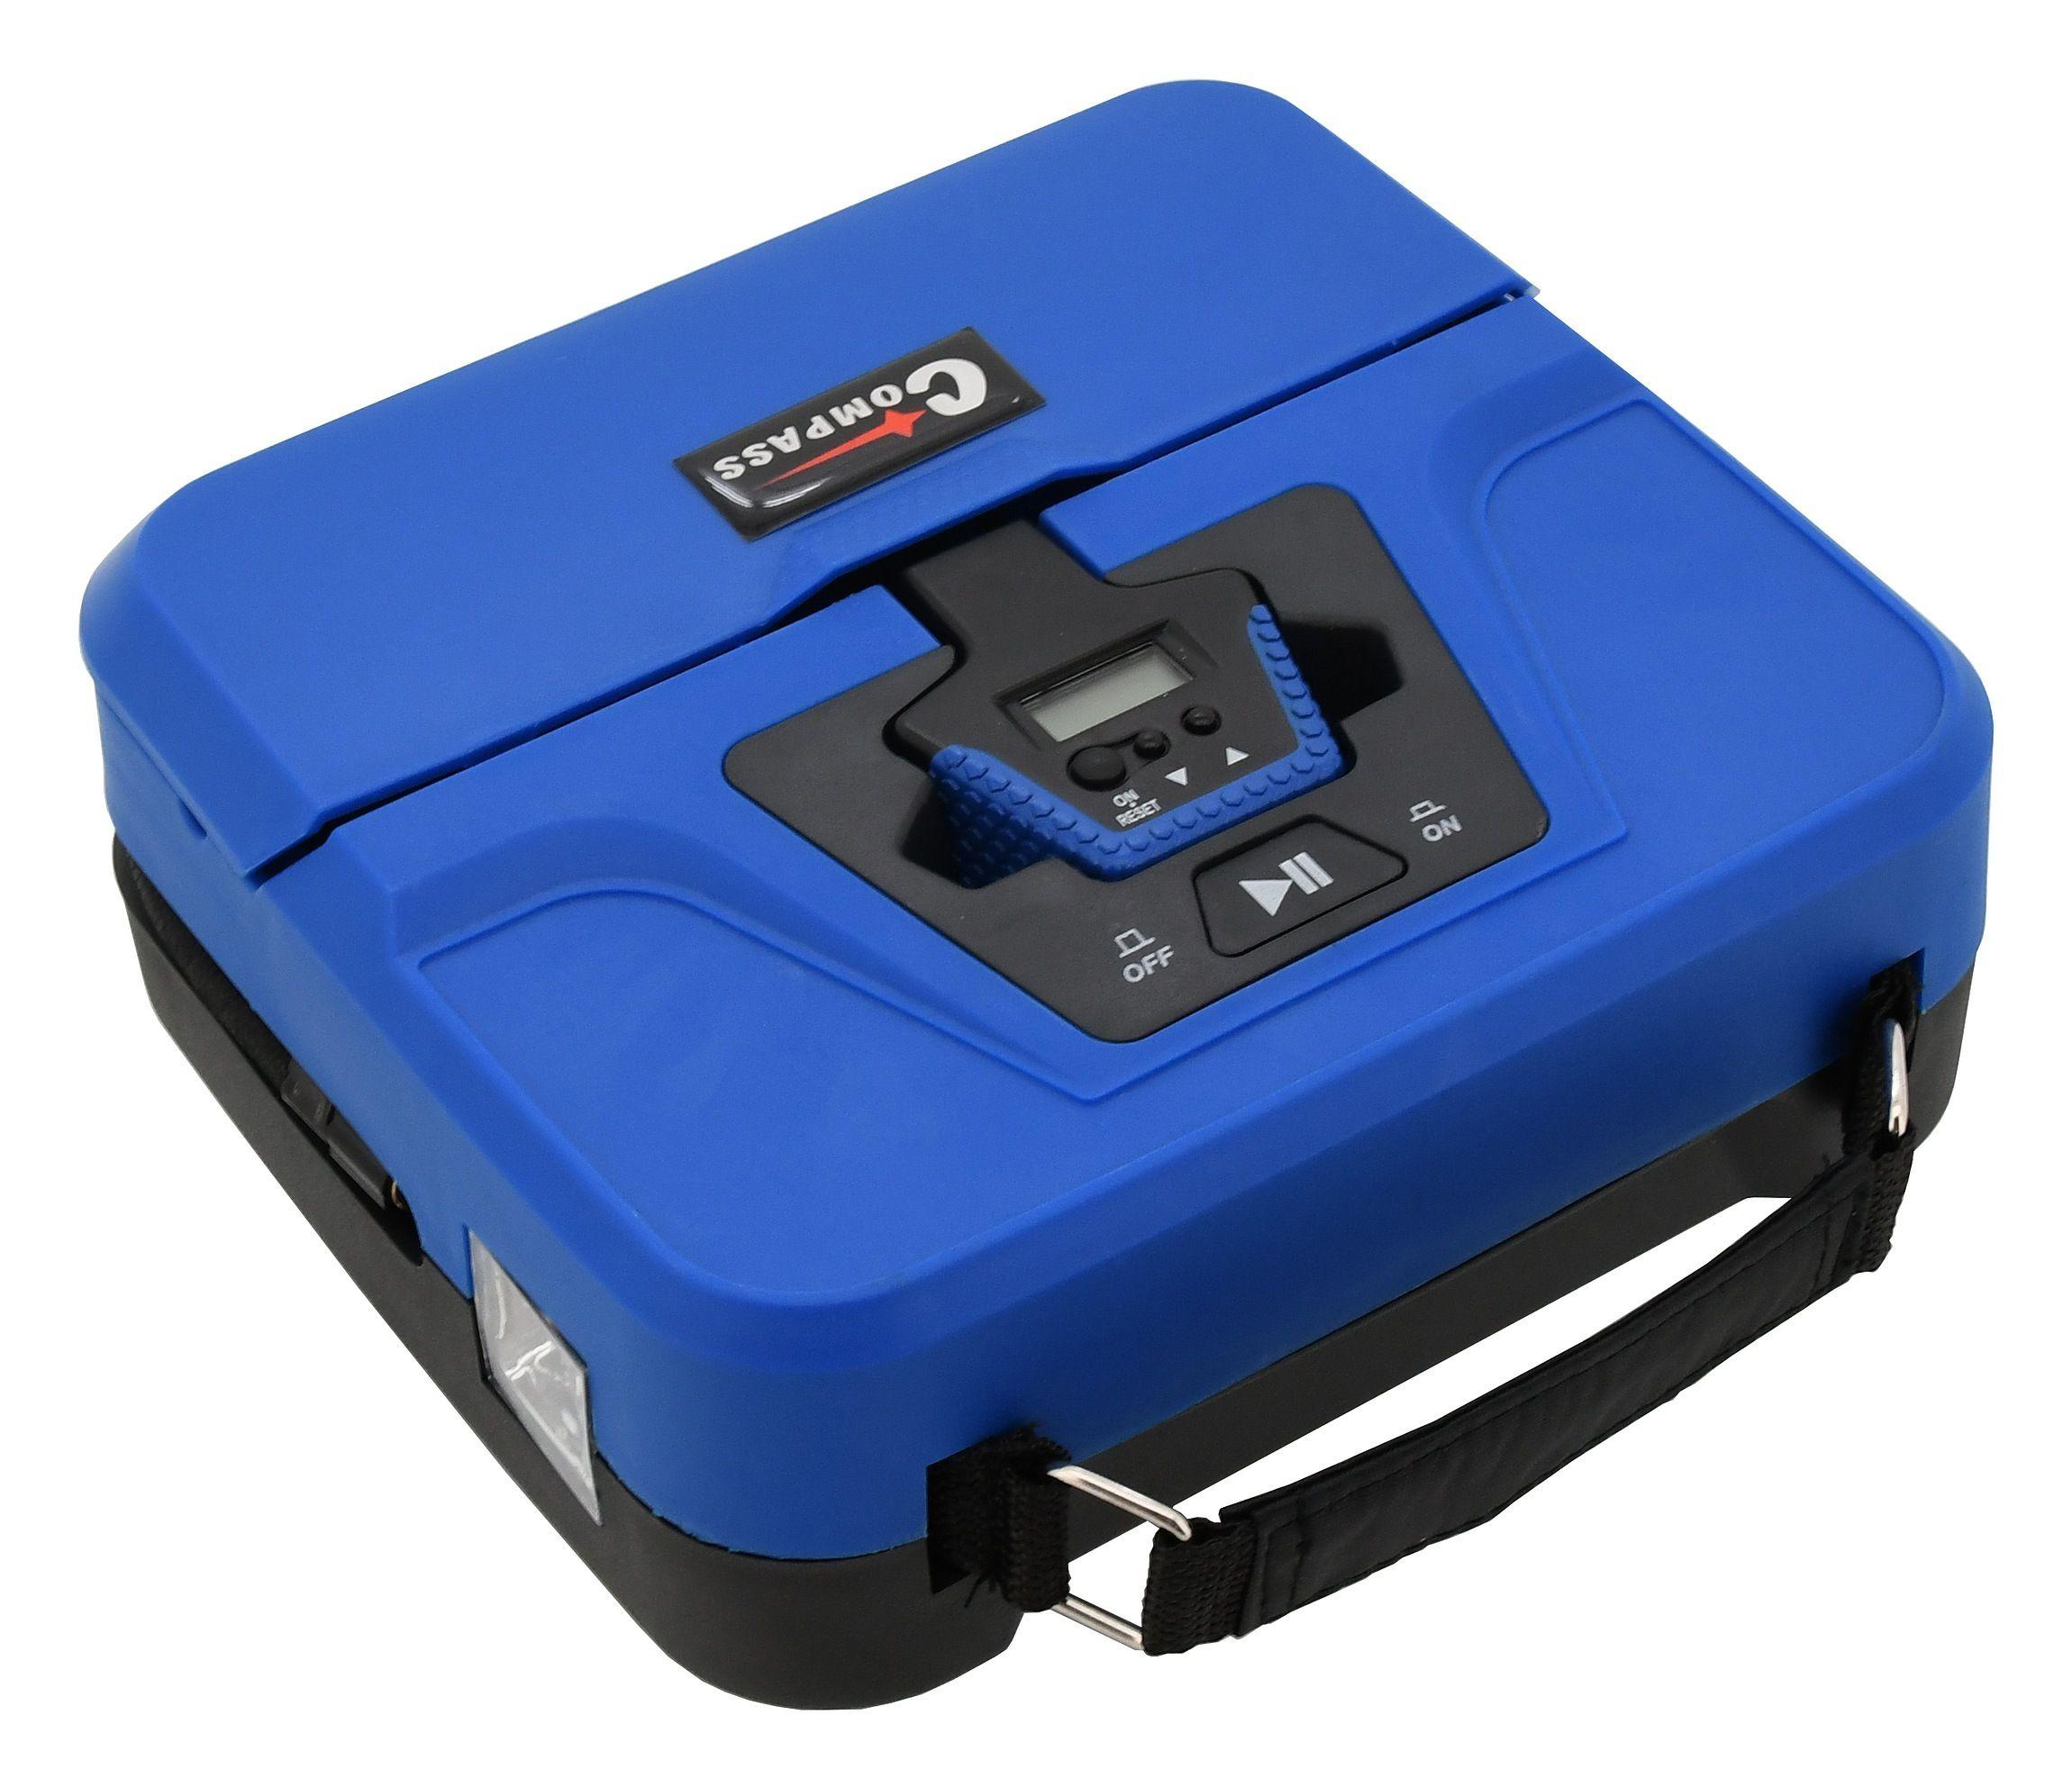 Kompresor 12V BOX digitální 3in